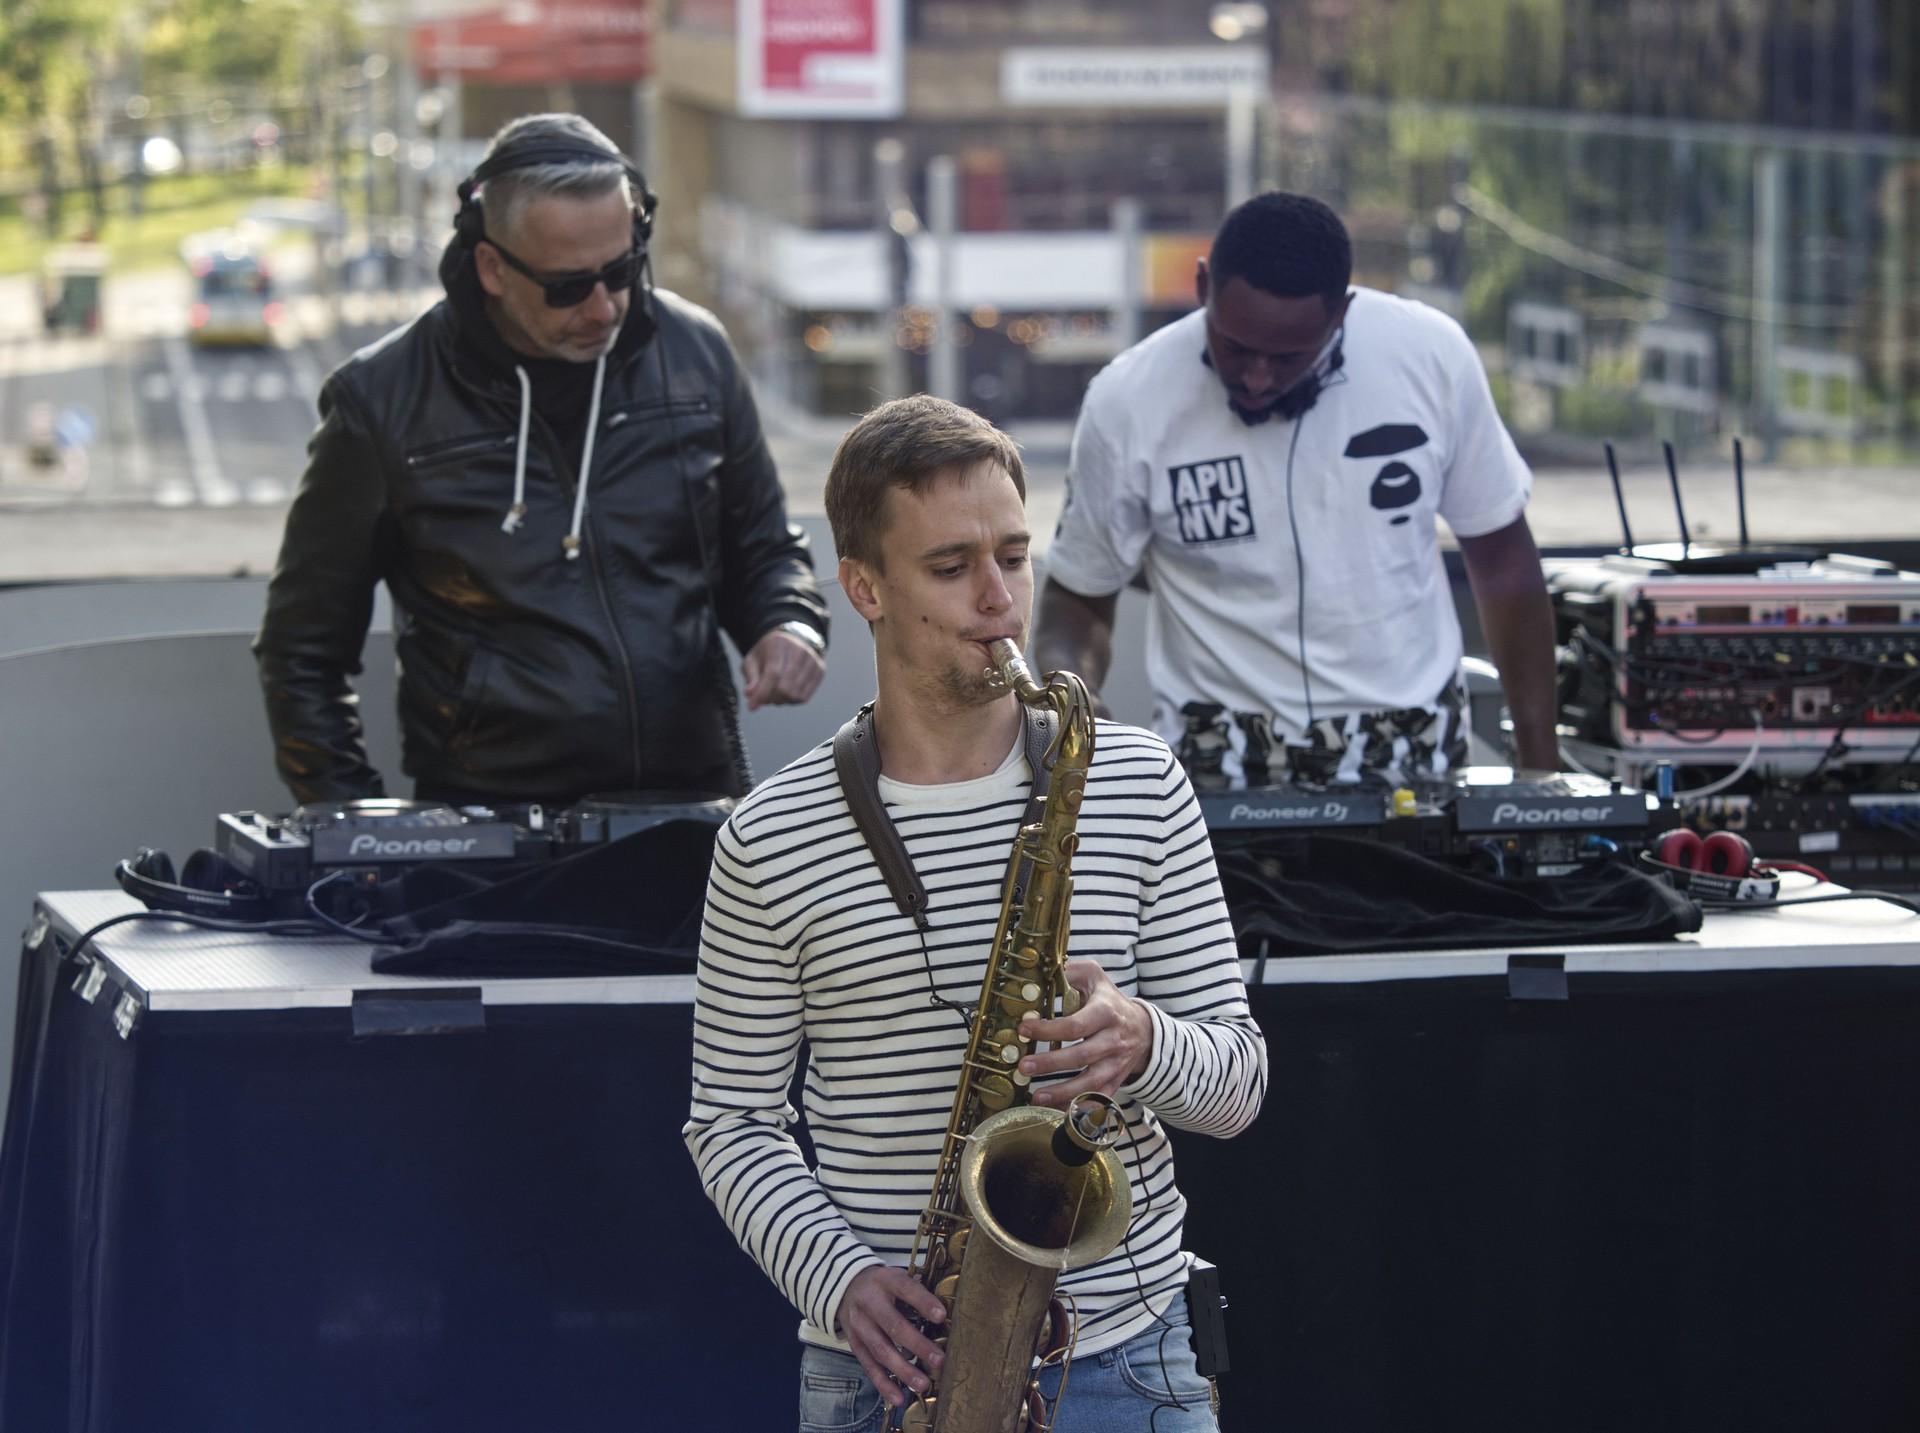 DJsOnAir20